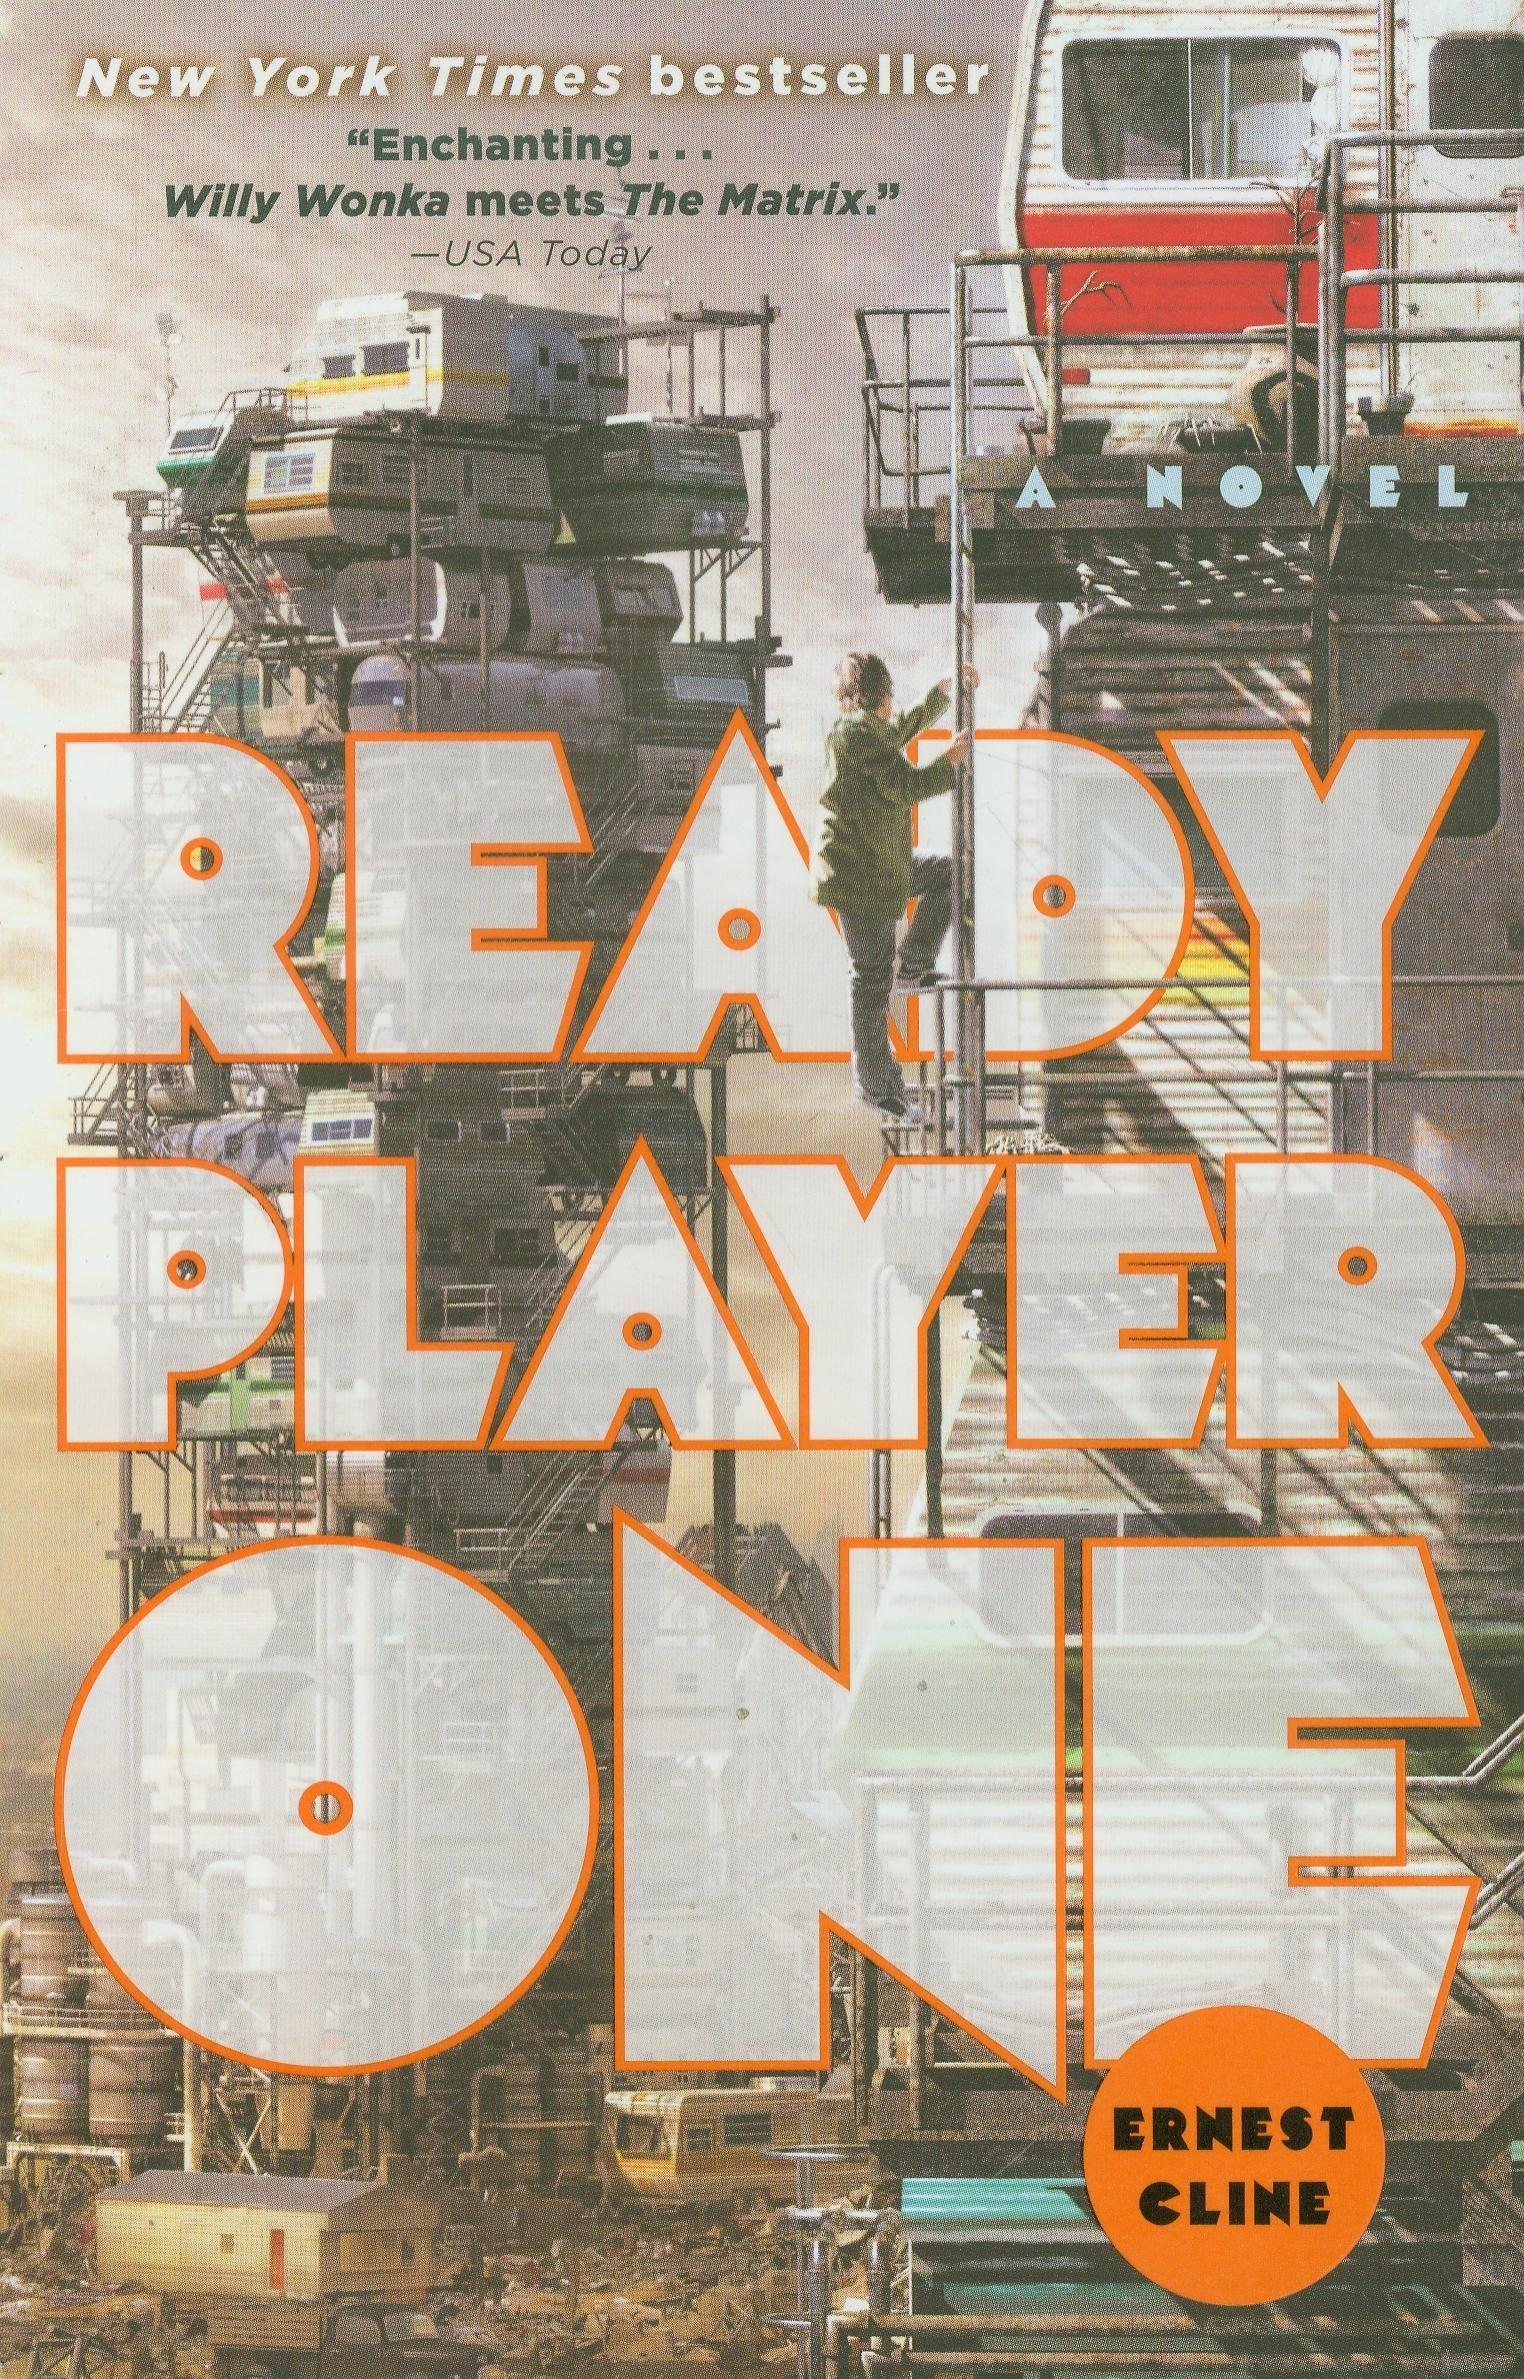 Portada de Ready Player One de Ernest Cline. Warner Bros. parece haber revelado al director de la esperada adaptación para el cine de la novela de culto Ready Player One. Ready Player One podría ser dirigida por Steven Spielberg y aun sin un elenco confirmado.